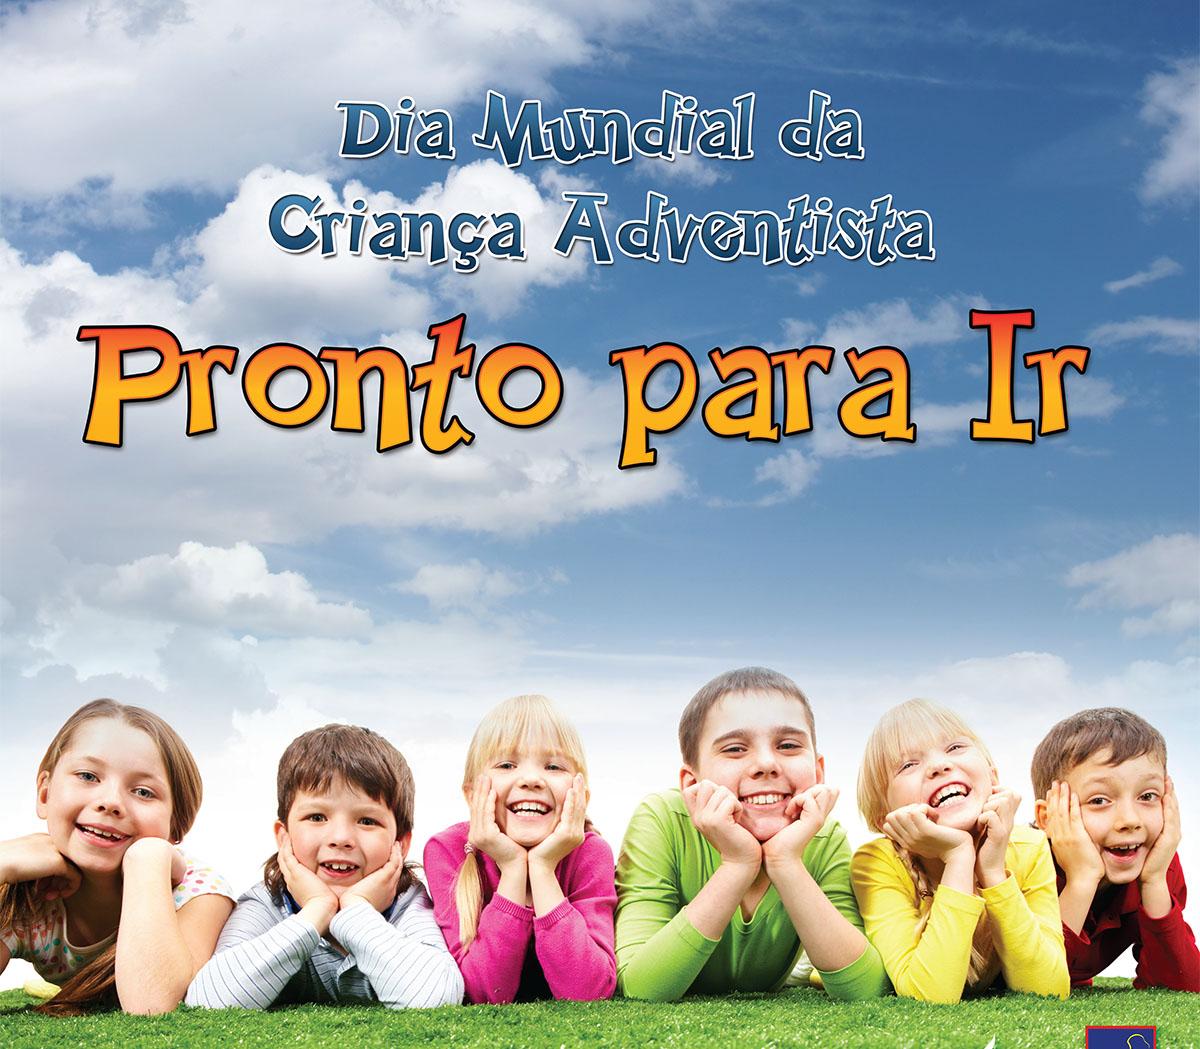 Cartaz dia Mundial da criança